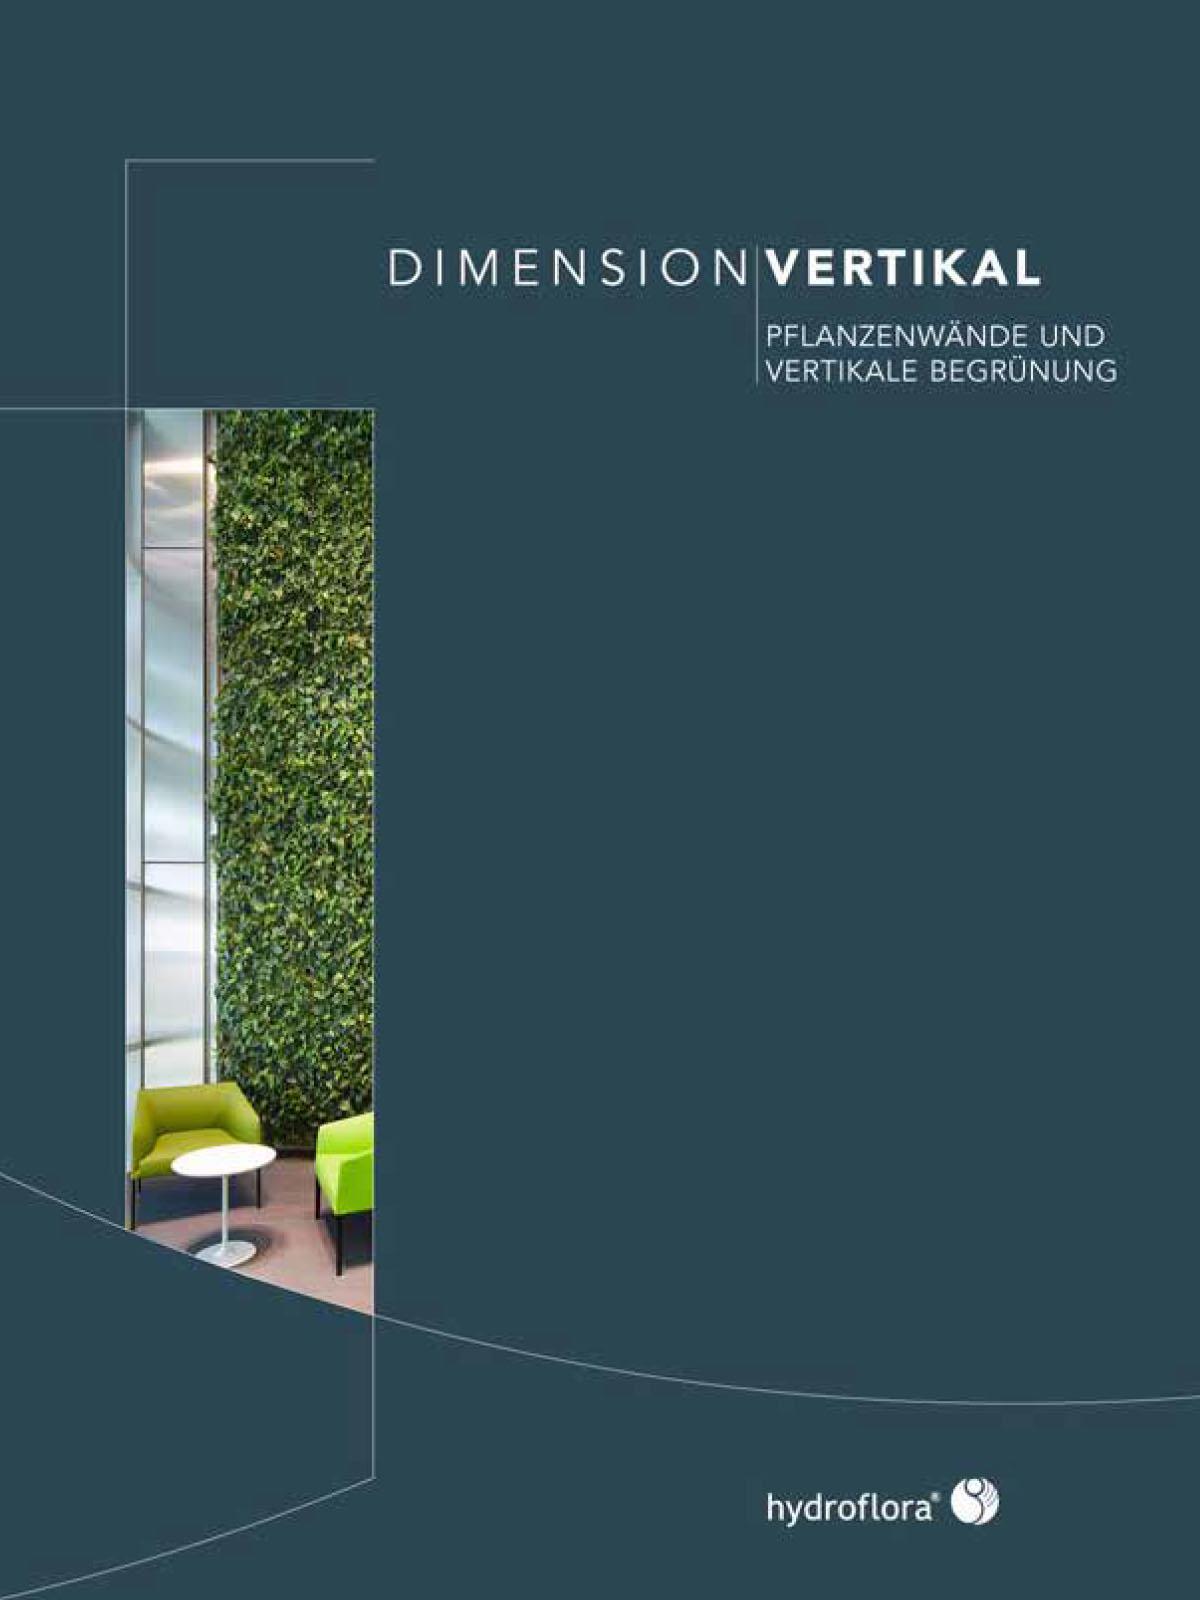 neuer katalog pflanzenw nde und vertikale begr nung hydroflora gmbh. Black Bedroom Furniture Sets. Home Design Ideas